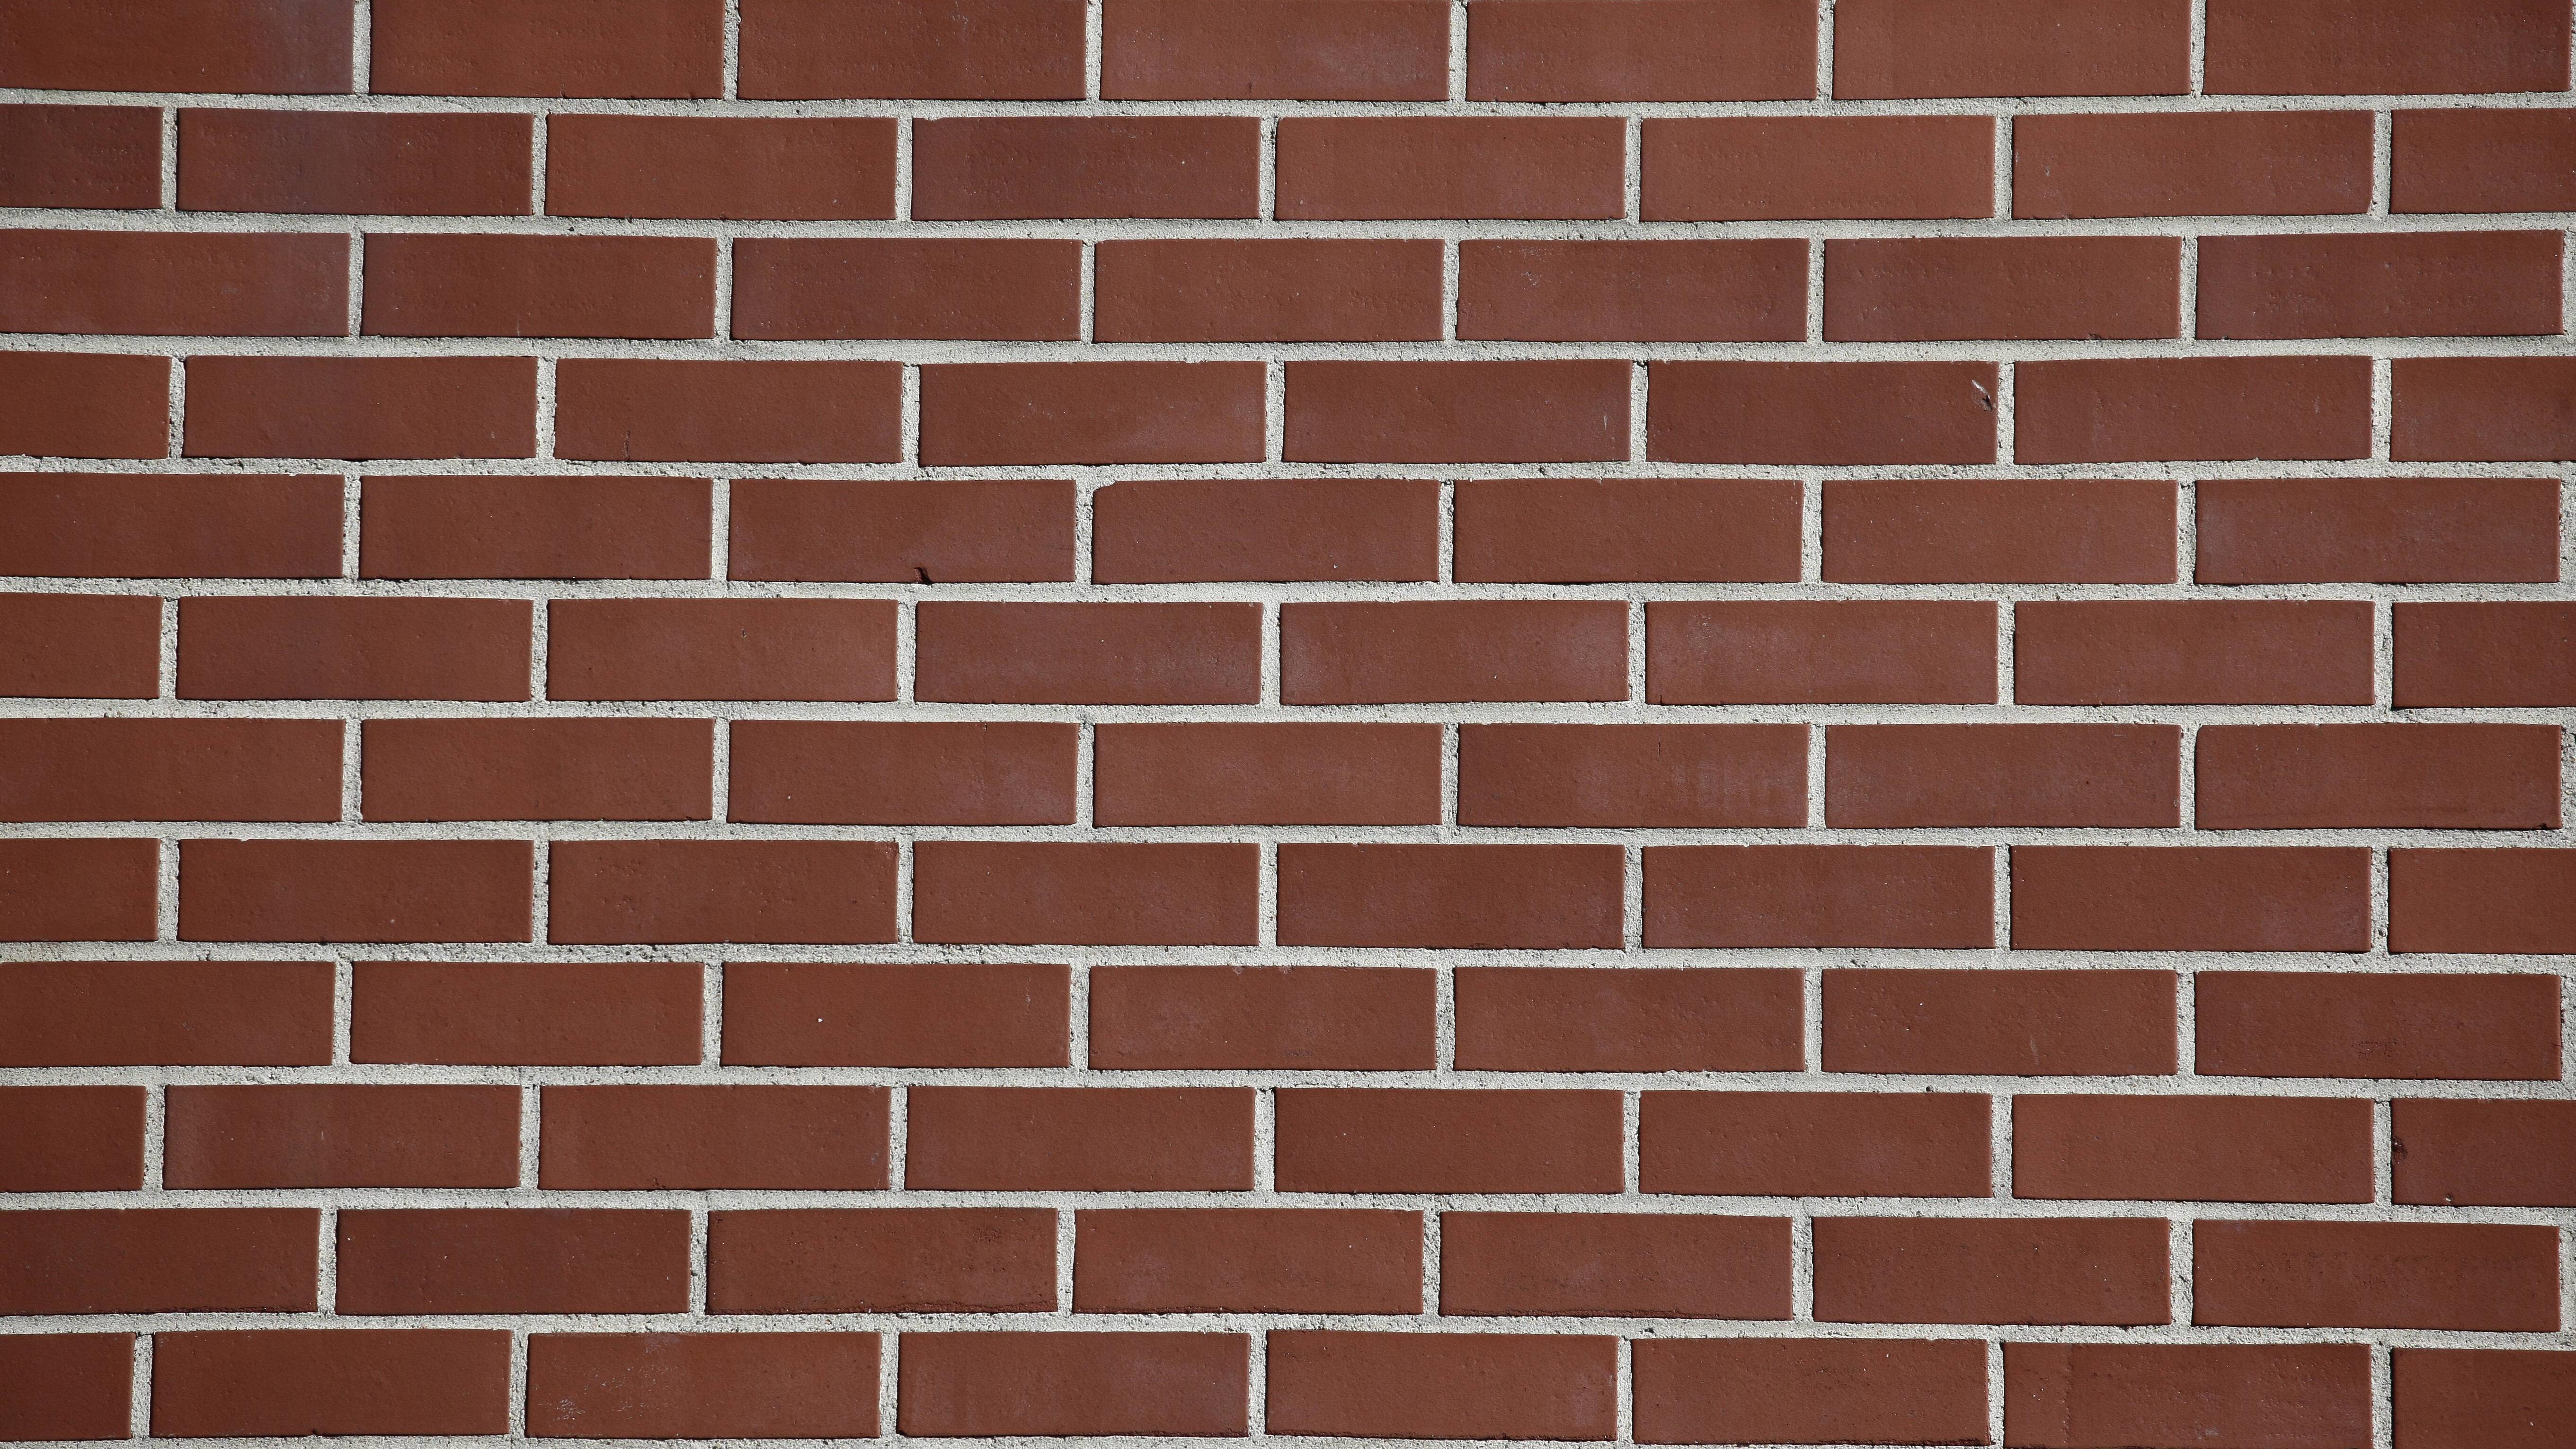 Feuchtes Mauerwerk sollten Sie alsbald trockenlegen, um hohe Sanierungskosten zu umgehen.